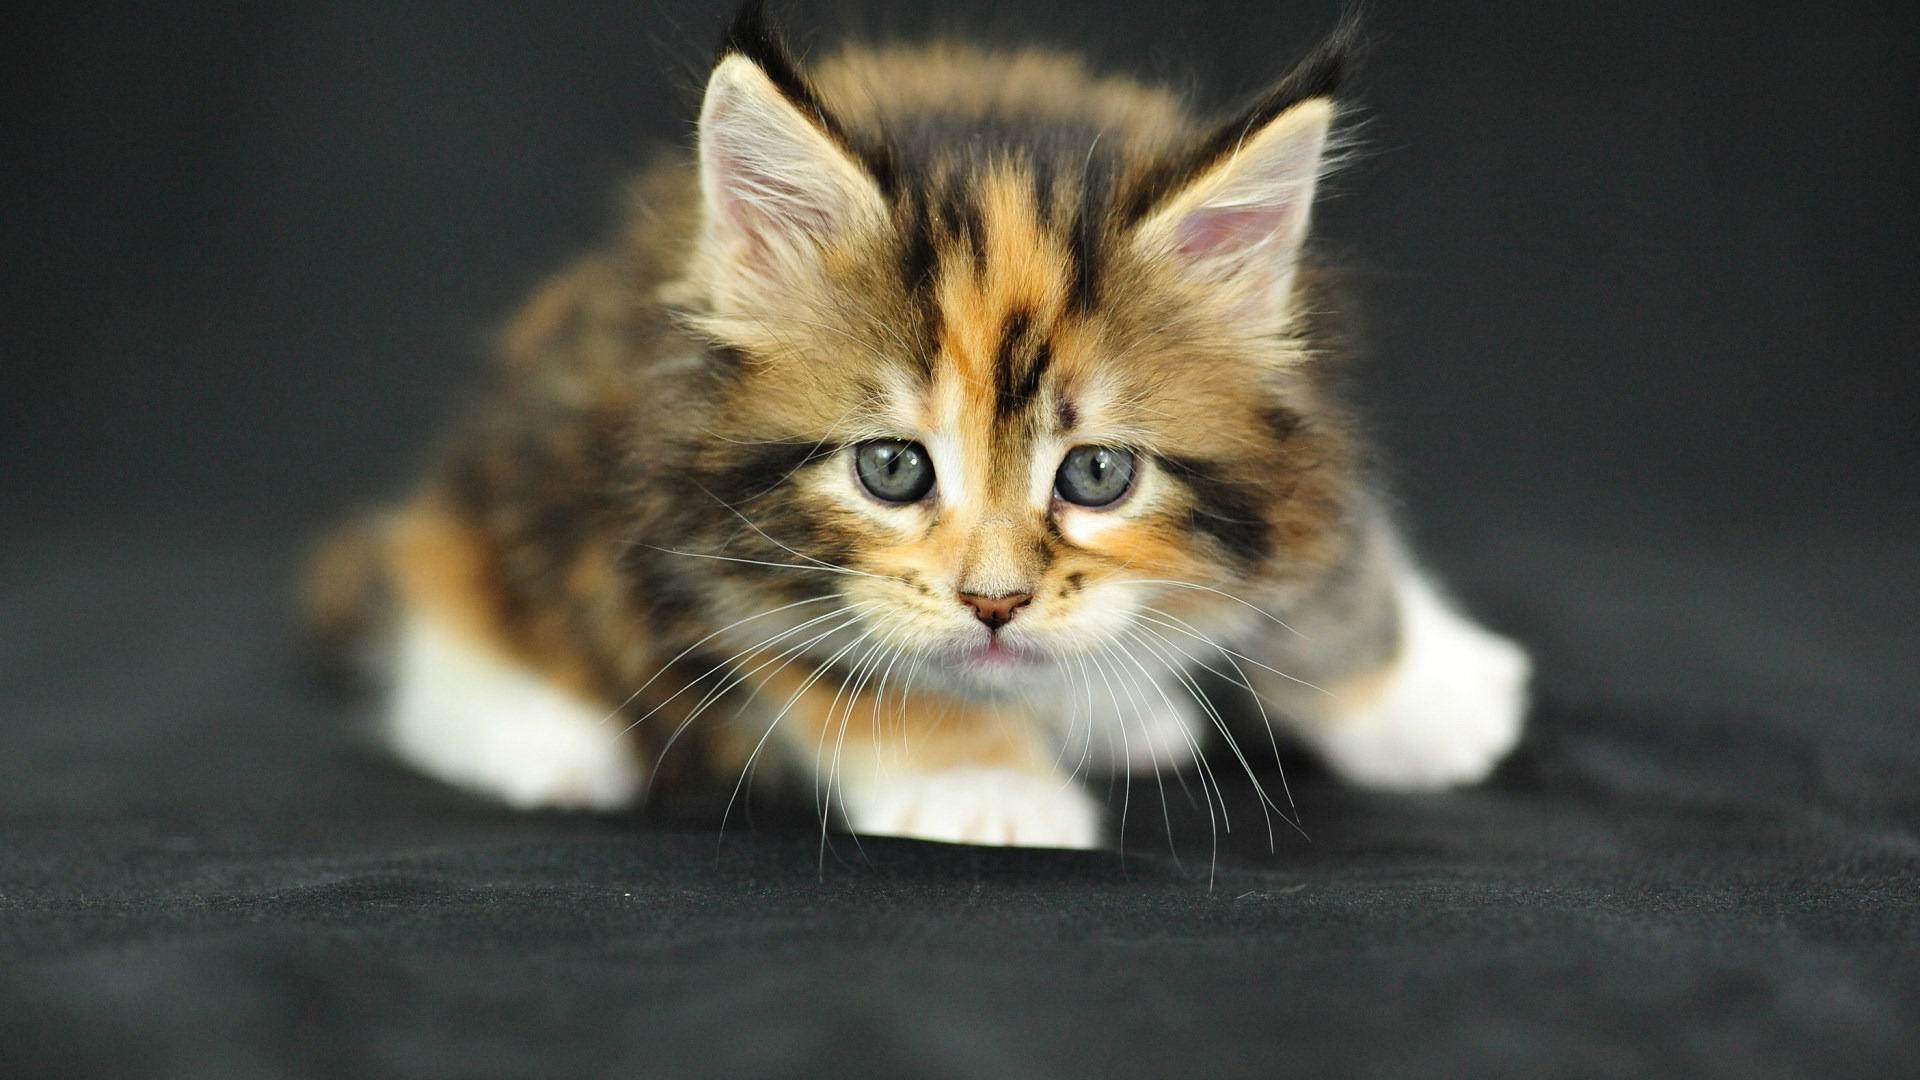 かわいい子猫 かわいい動物の壁紙プレビュー 10wallpaper Com